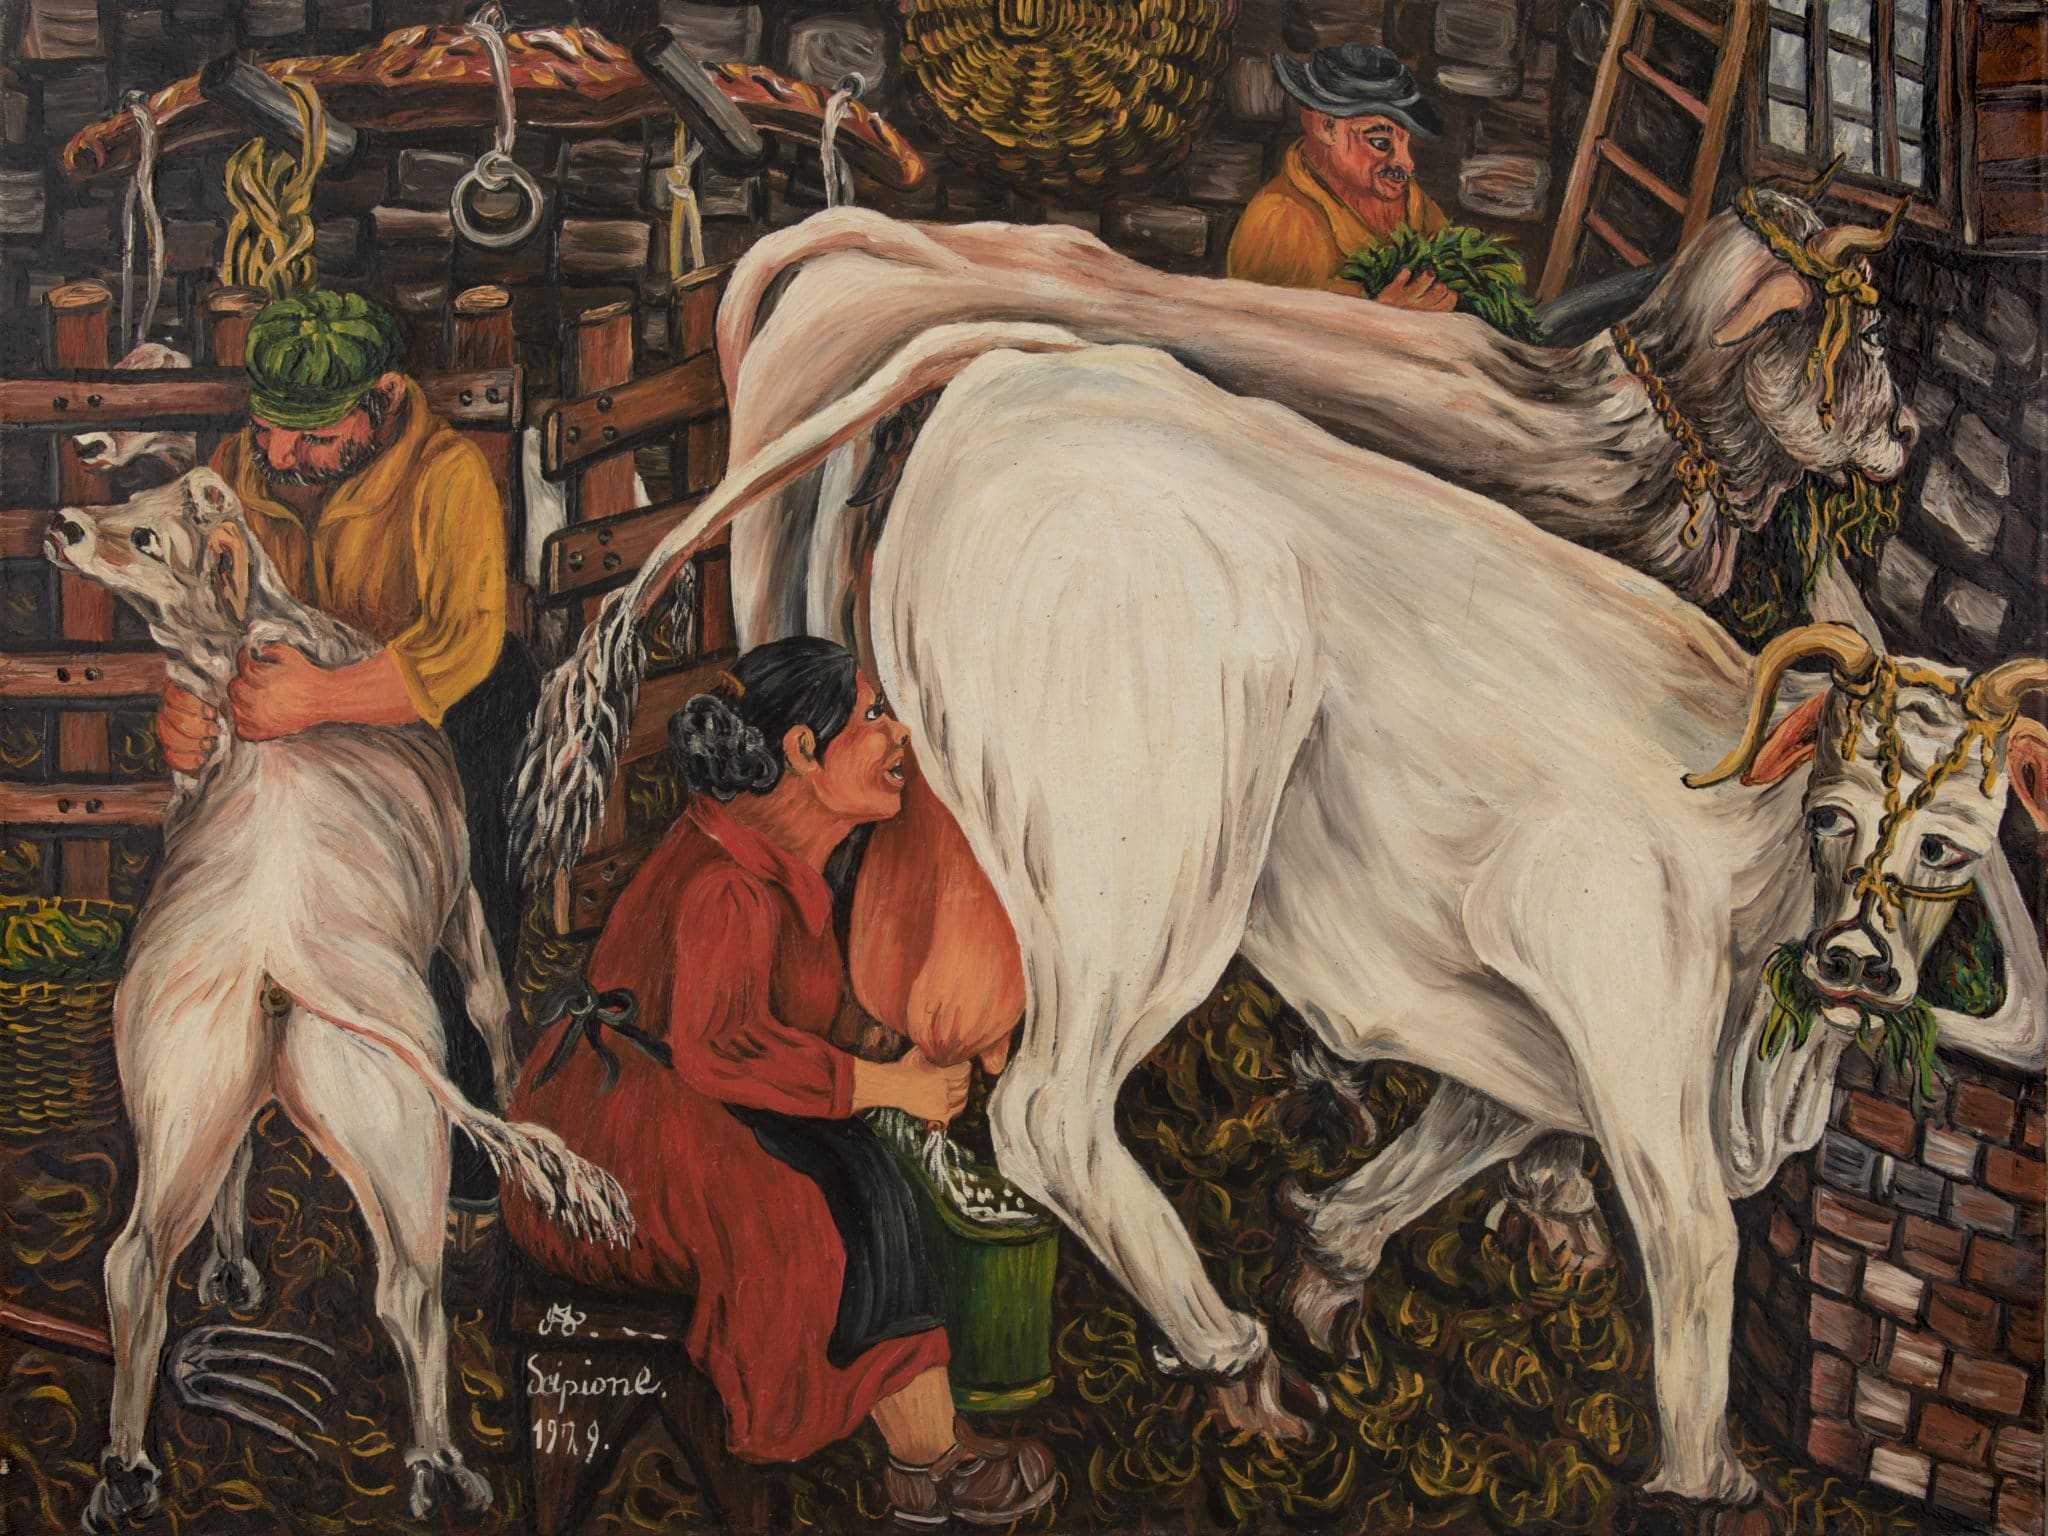 Fondazione Tercas, la mostra di Annunziata Scipione chiude domenica 19 gennaio: oltre 2.500 i visitatori